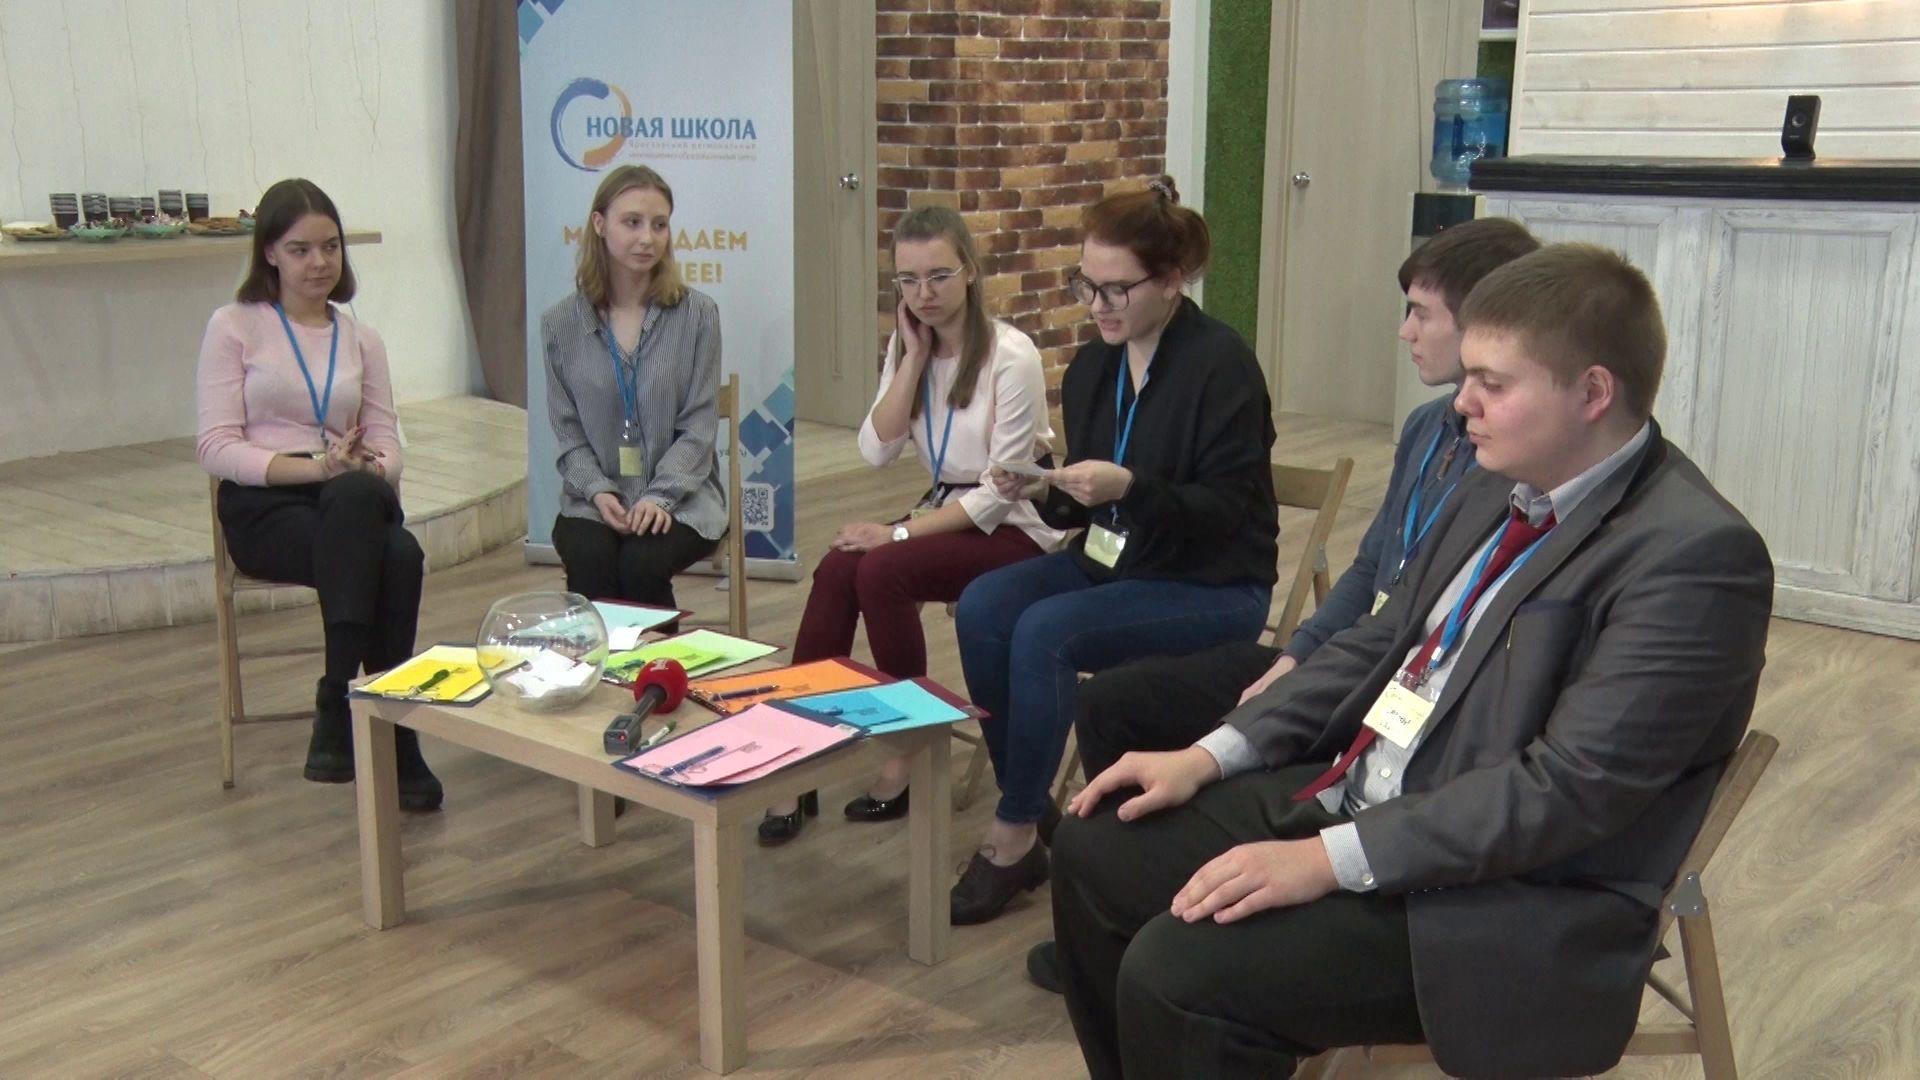 Сто баллов для победы: ярославским выпускникам рассказали о том, как сдать ЕГЭ